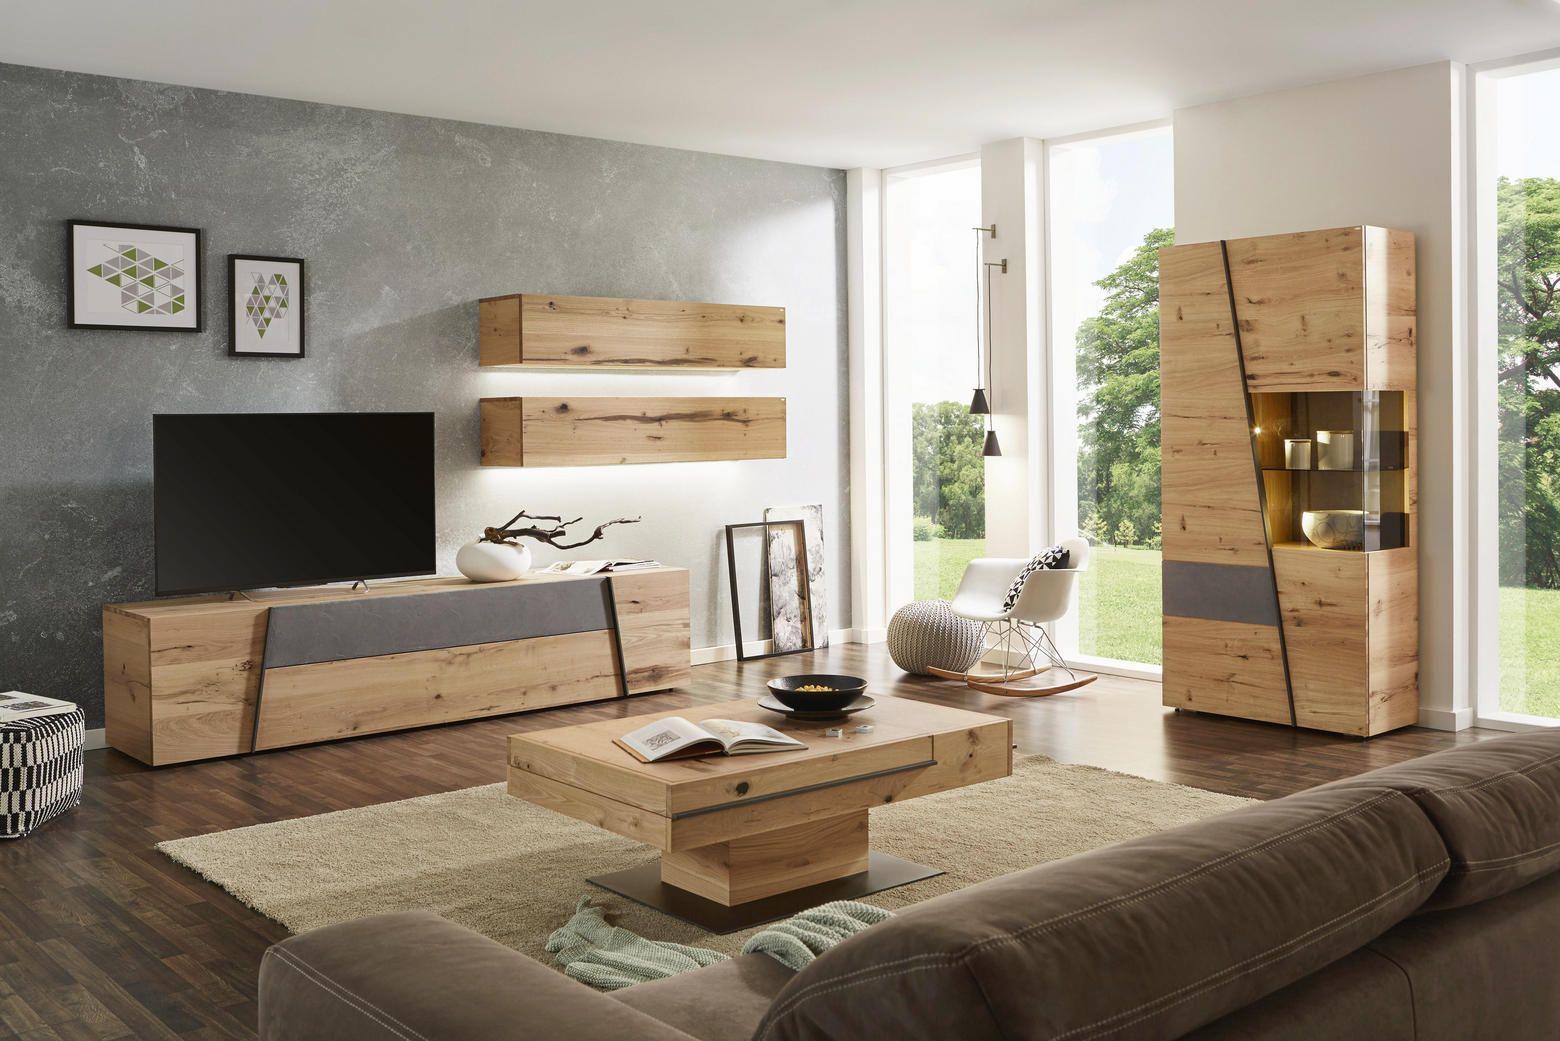 Wohnwand In Grau Naturfarben In 2019 Home Wohnzimmer Stauraum